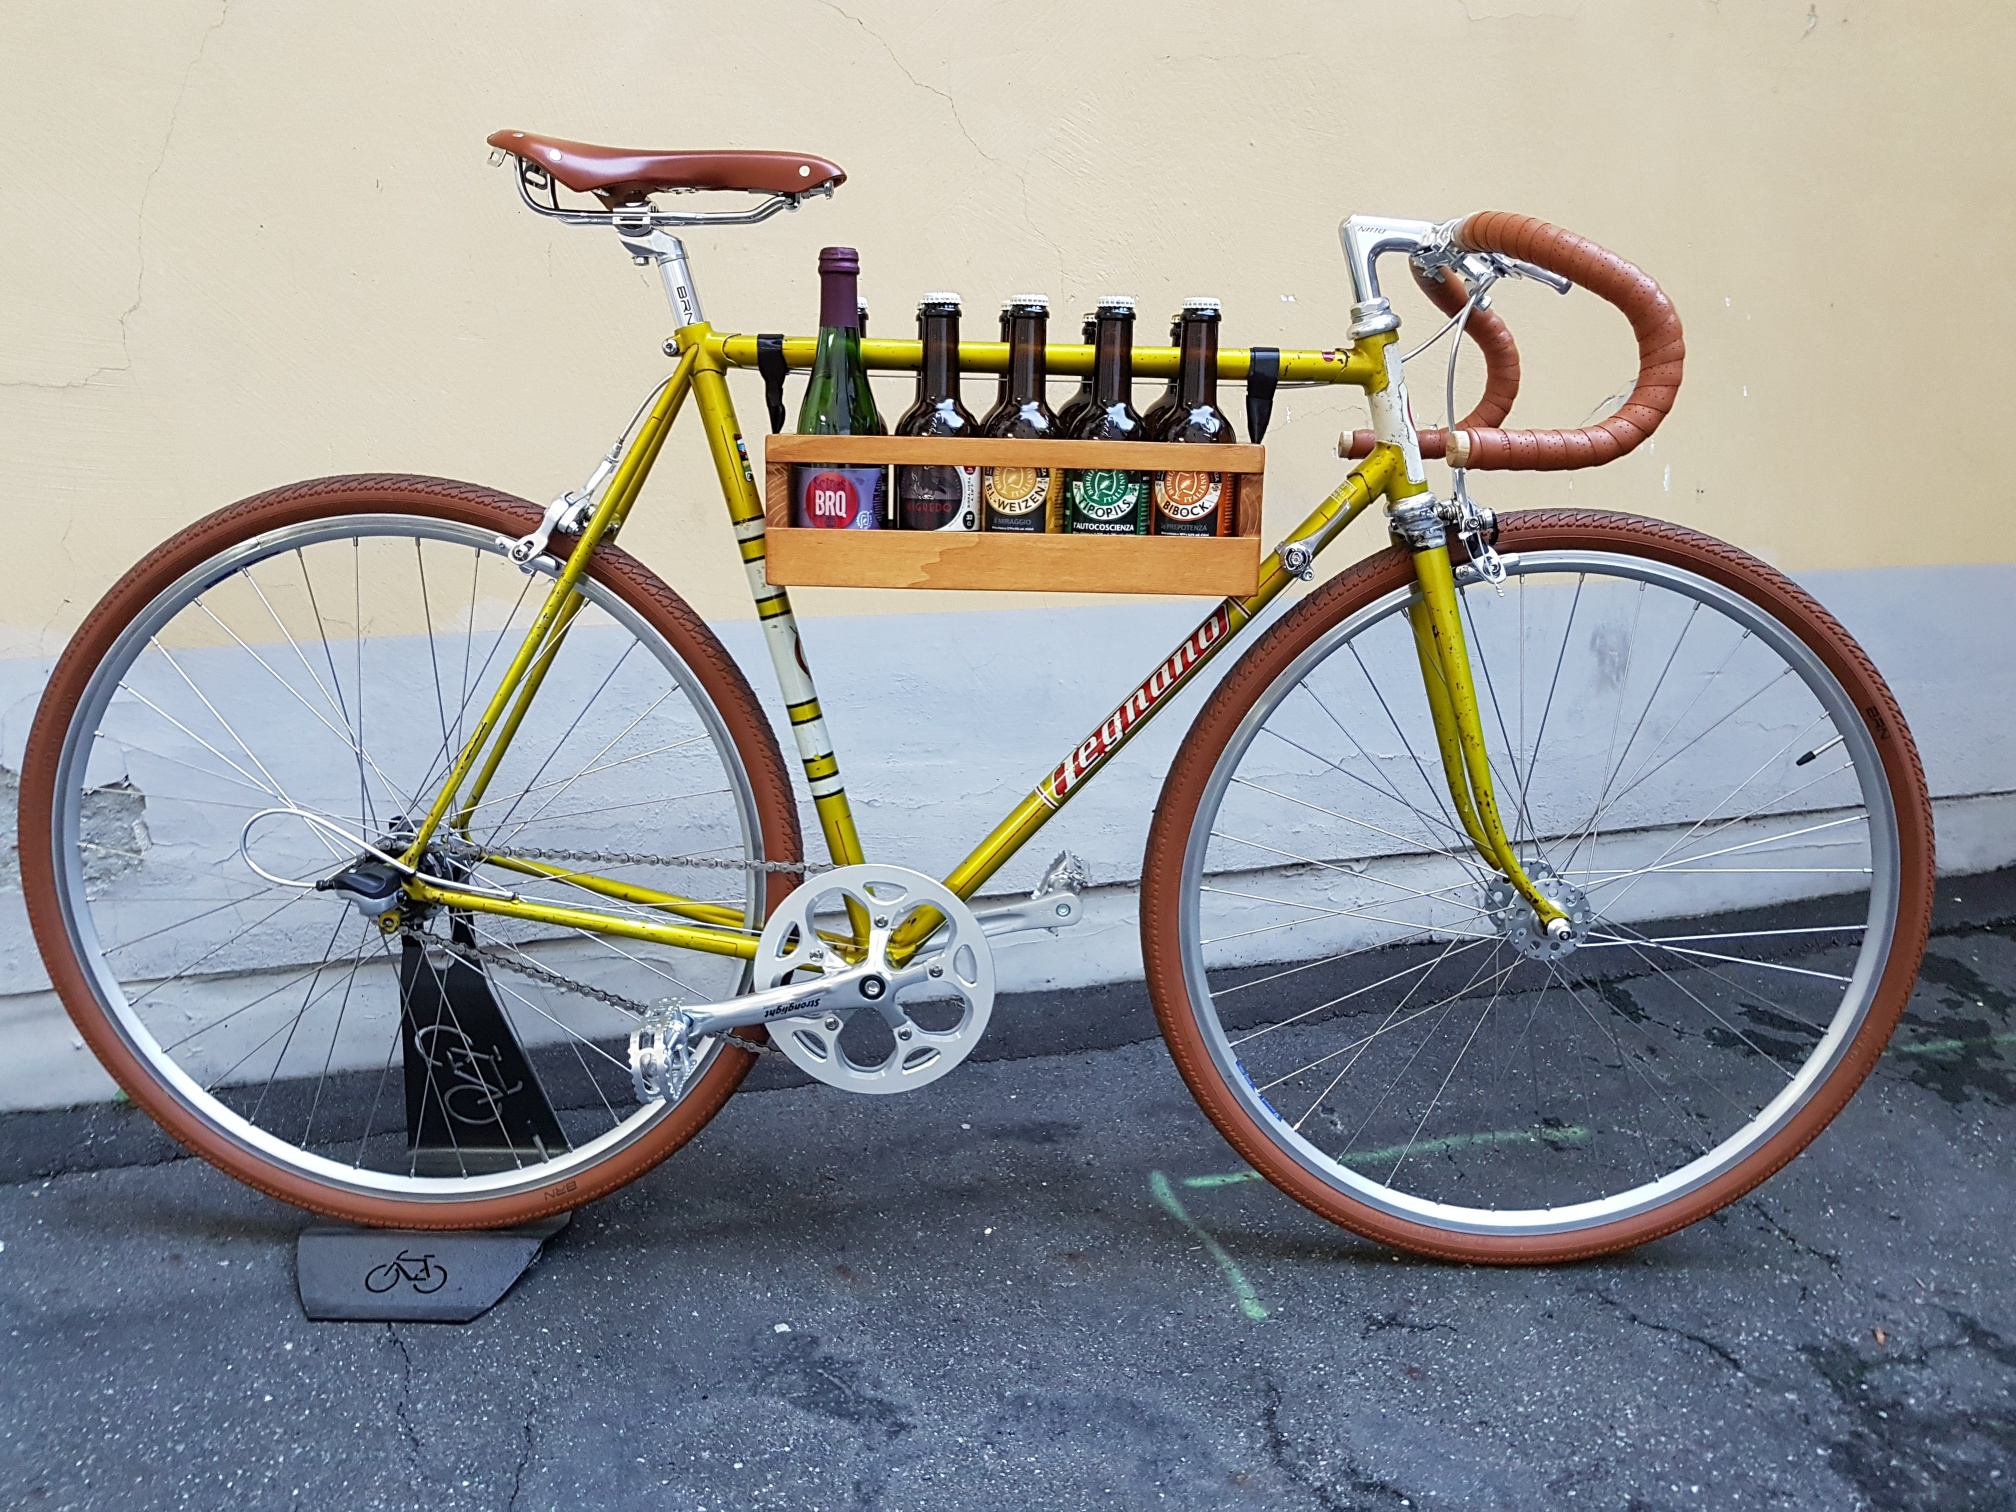 Si riparano biciclette, ci si ripara dall'inverno con tapas e birre artigianali. Bici&Birra a Torino unisce le passioni per il pedali e per il malto